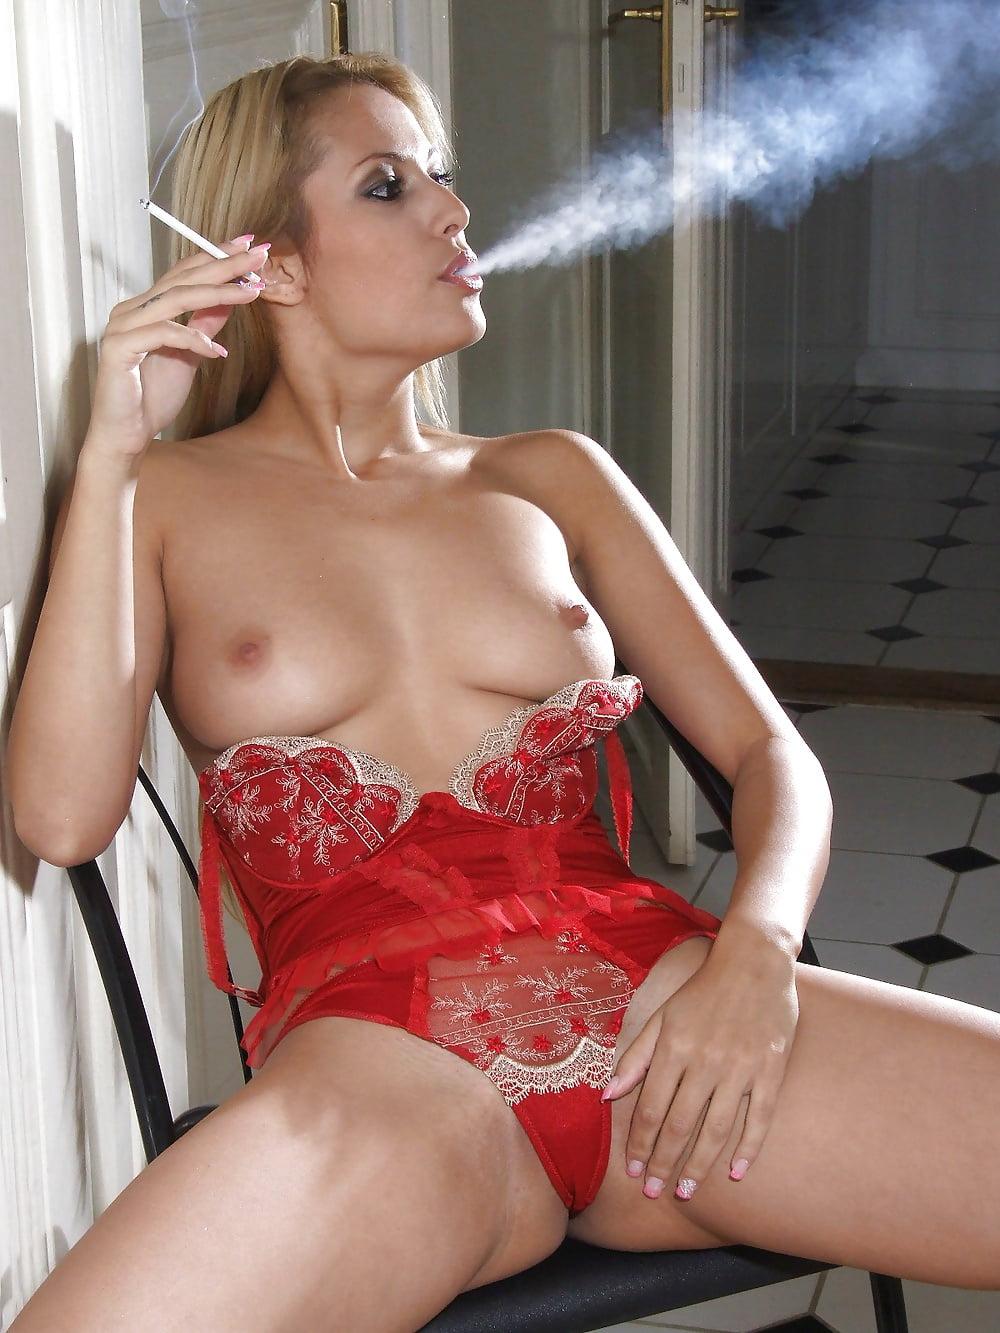 Smoking hot moms nude garcia cum face